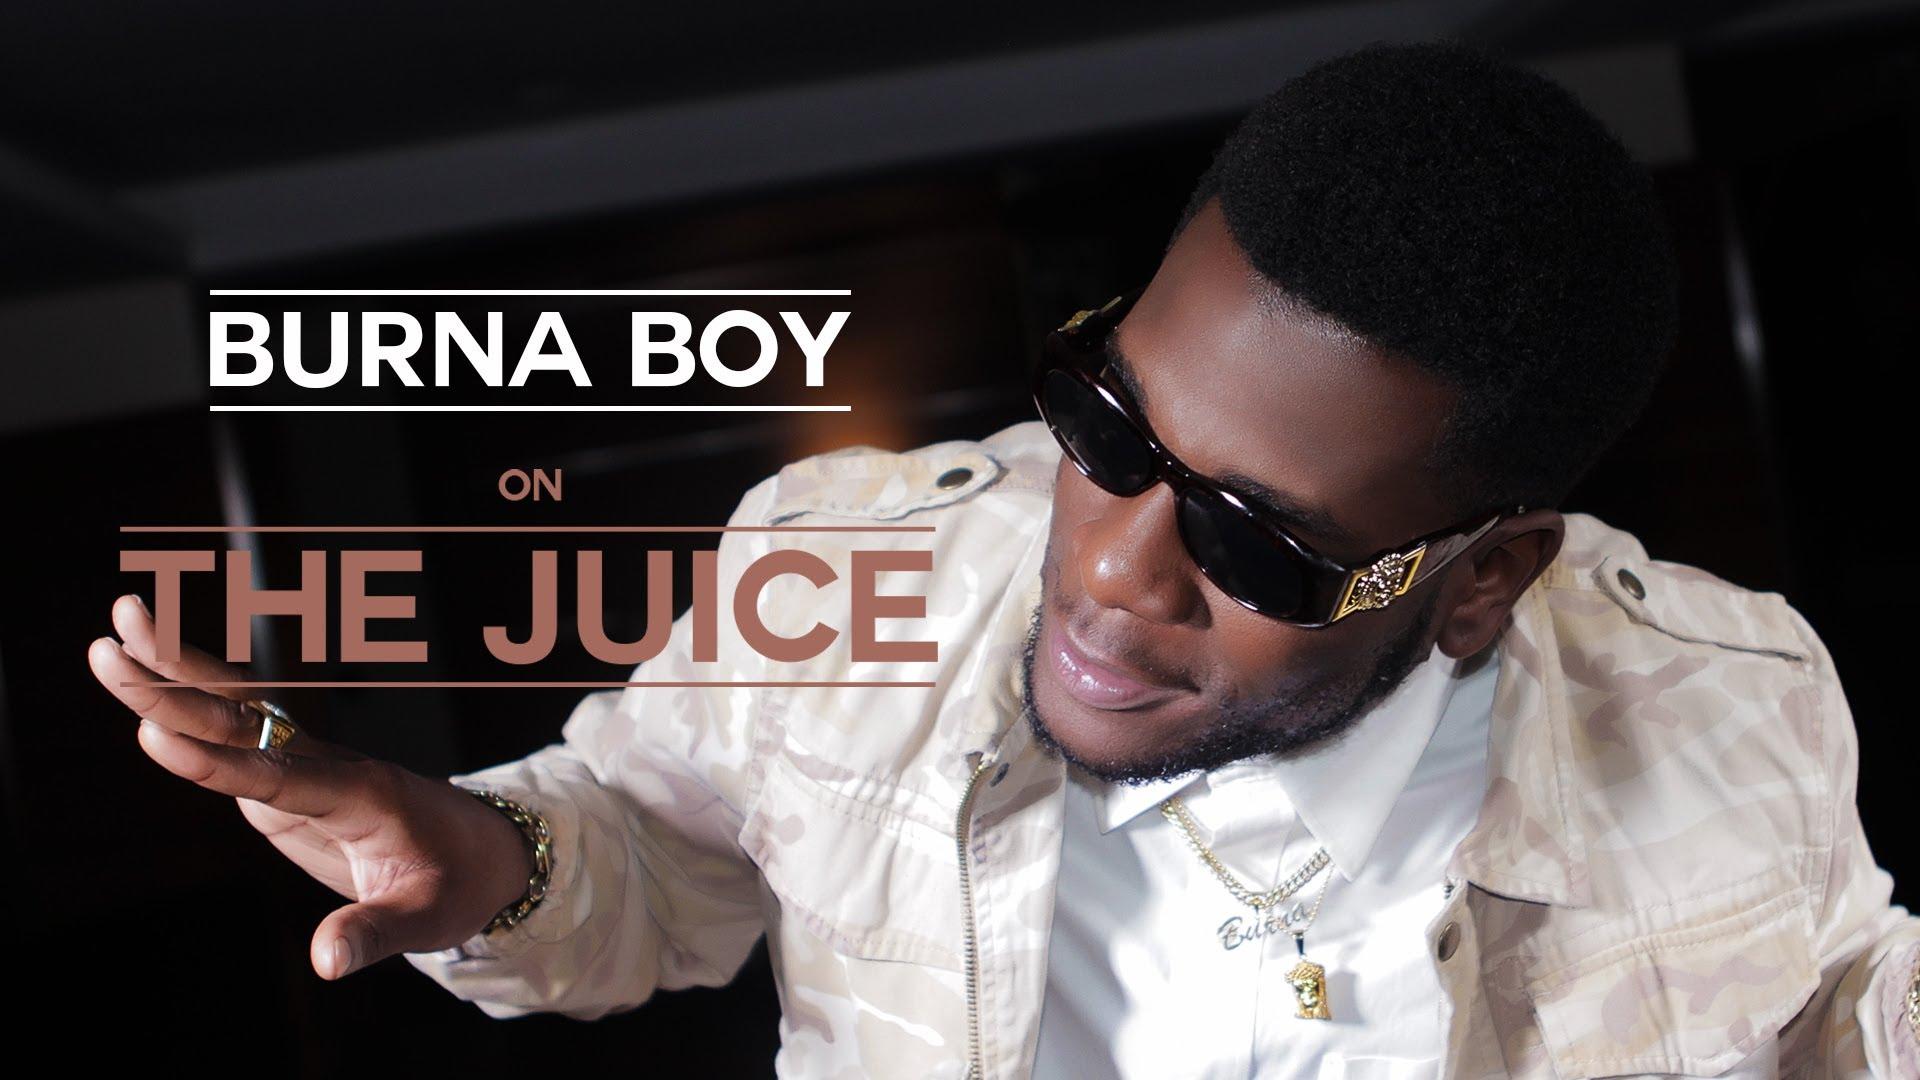 Burnaboy-thejuice-WestAfricaLifestyle